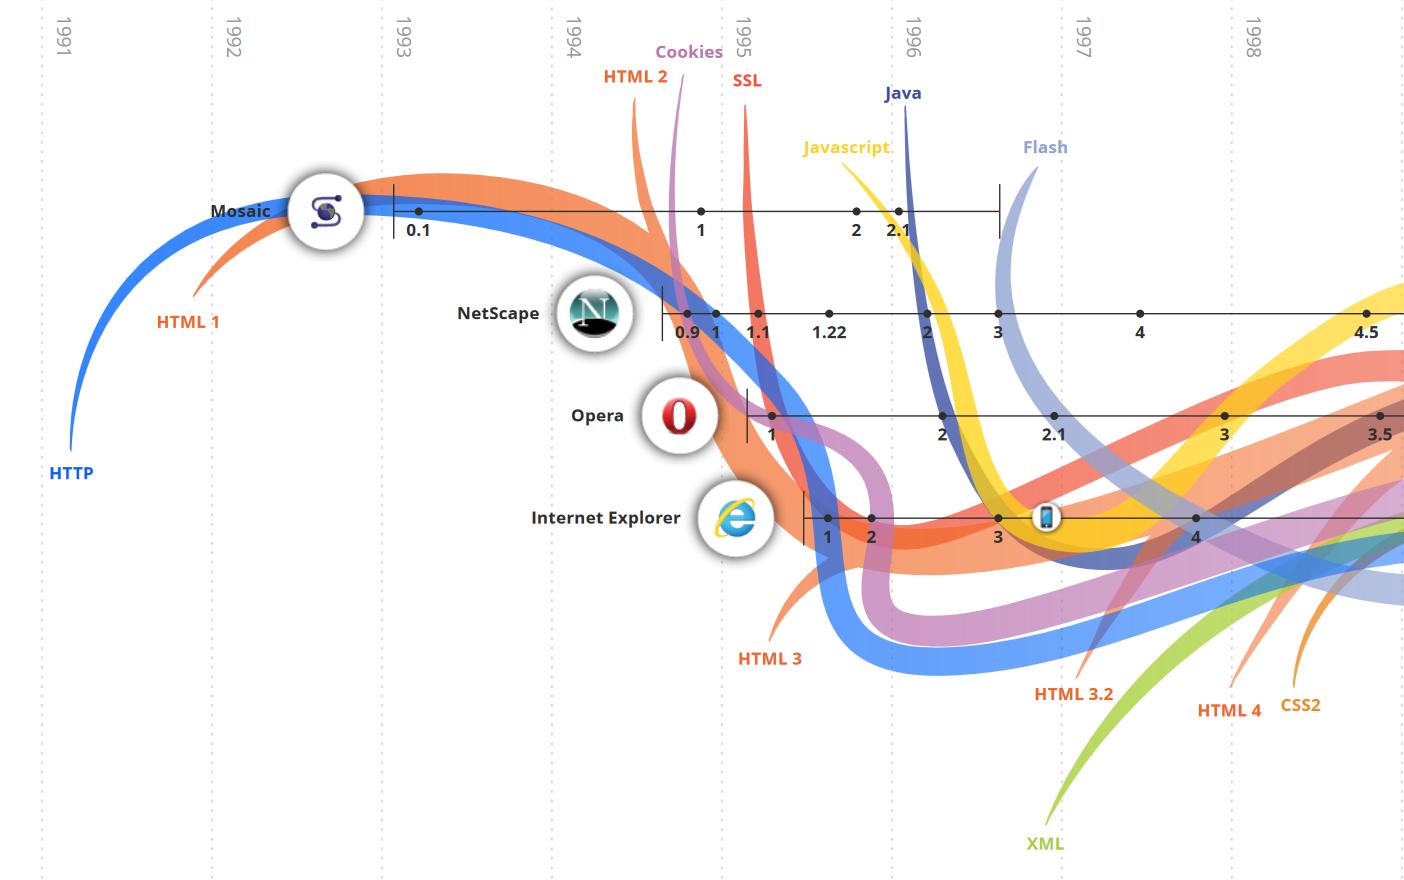 Auf dieser Grafik sind die frühen Anfänge des WWW dargestellt. Es führt ein Link zur Visualisierung der gesamten Evolution des WWW